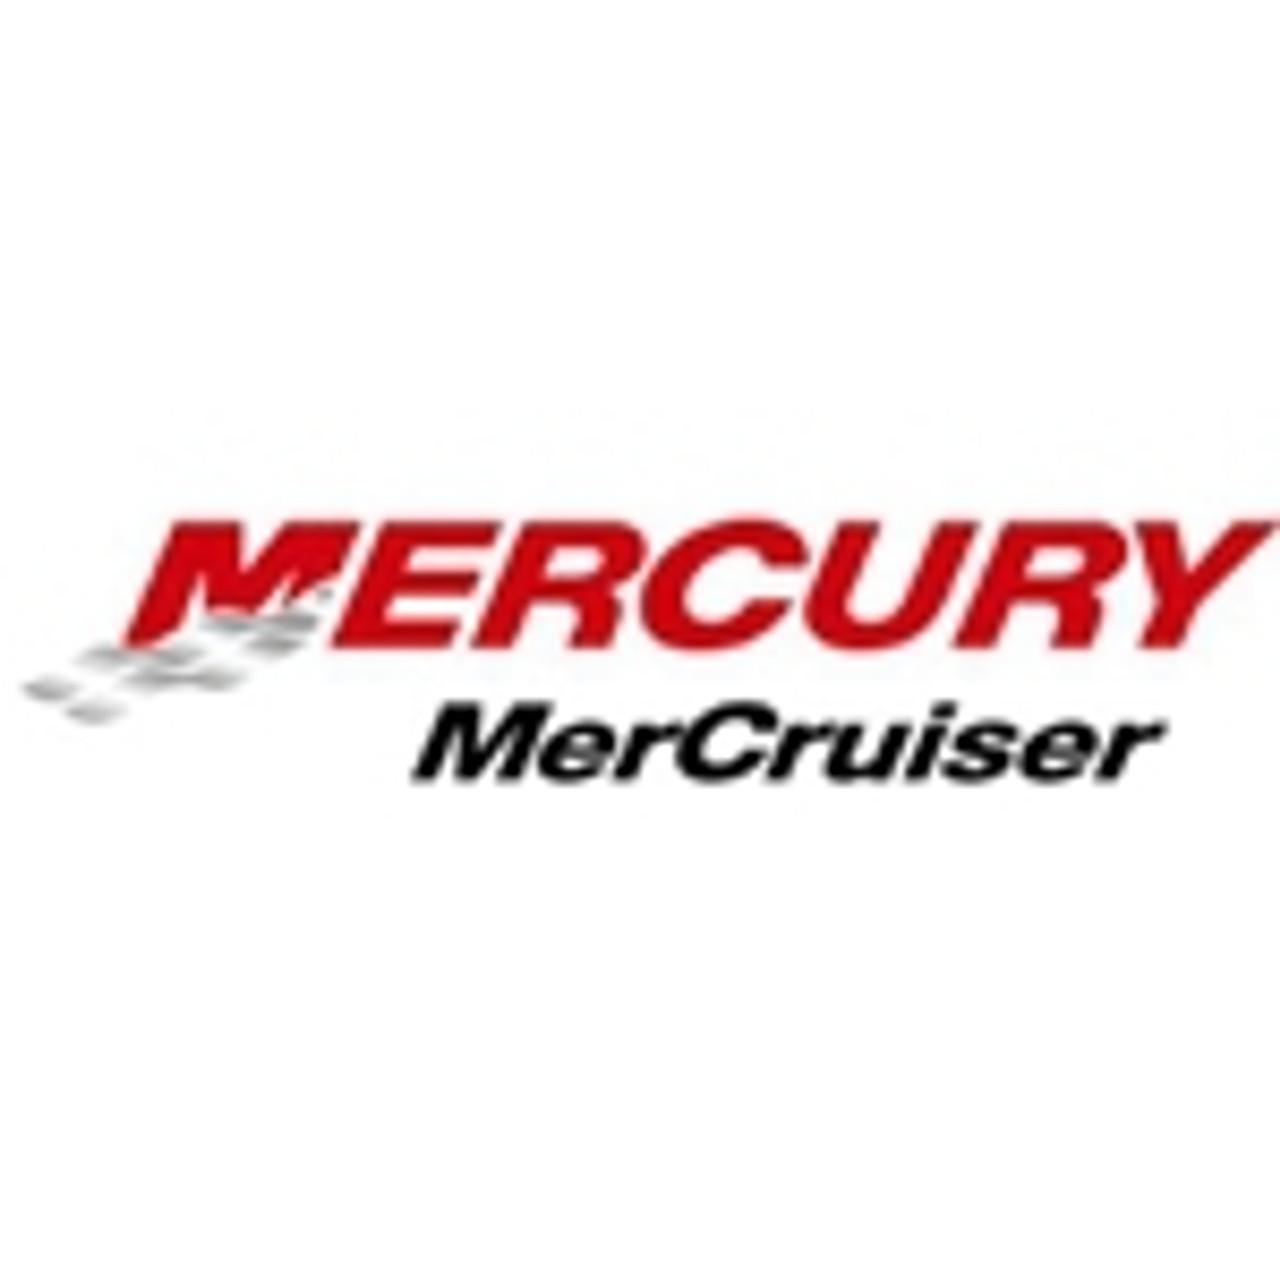 Mercruiser Marine